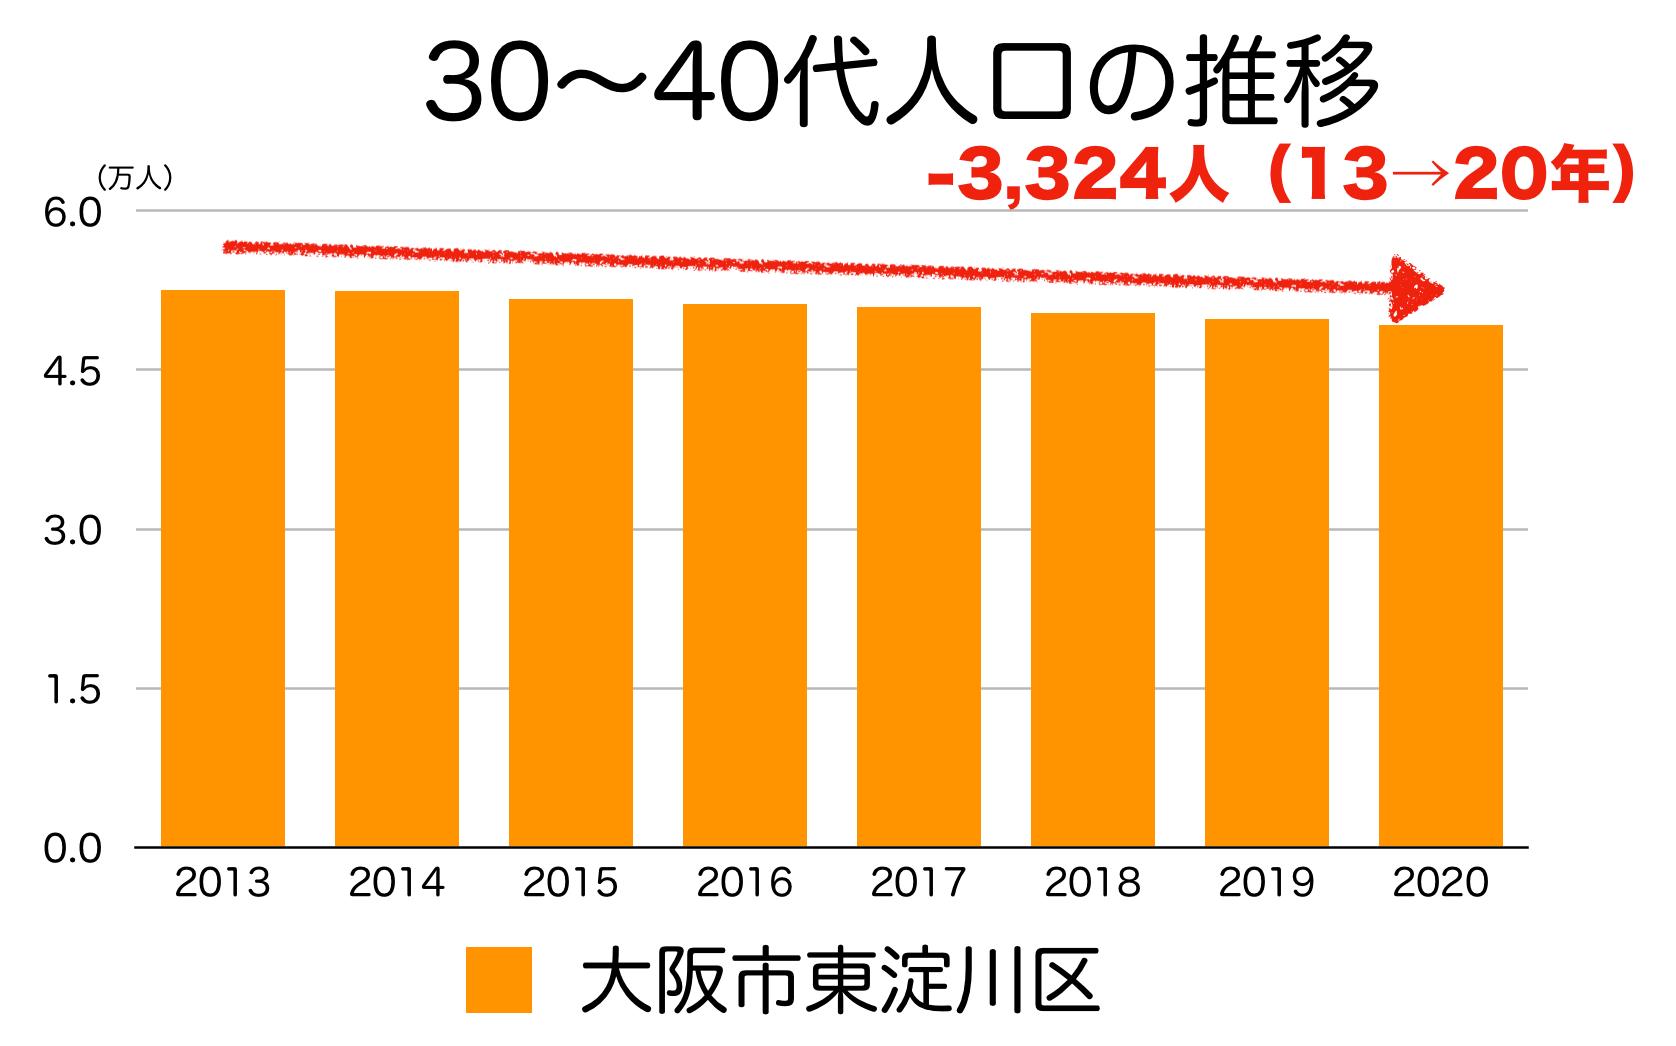 大阪市東淀川区の30〜40代人口の推移